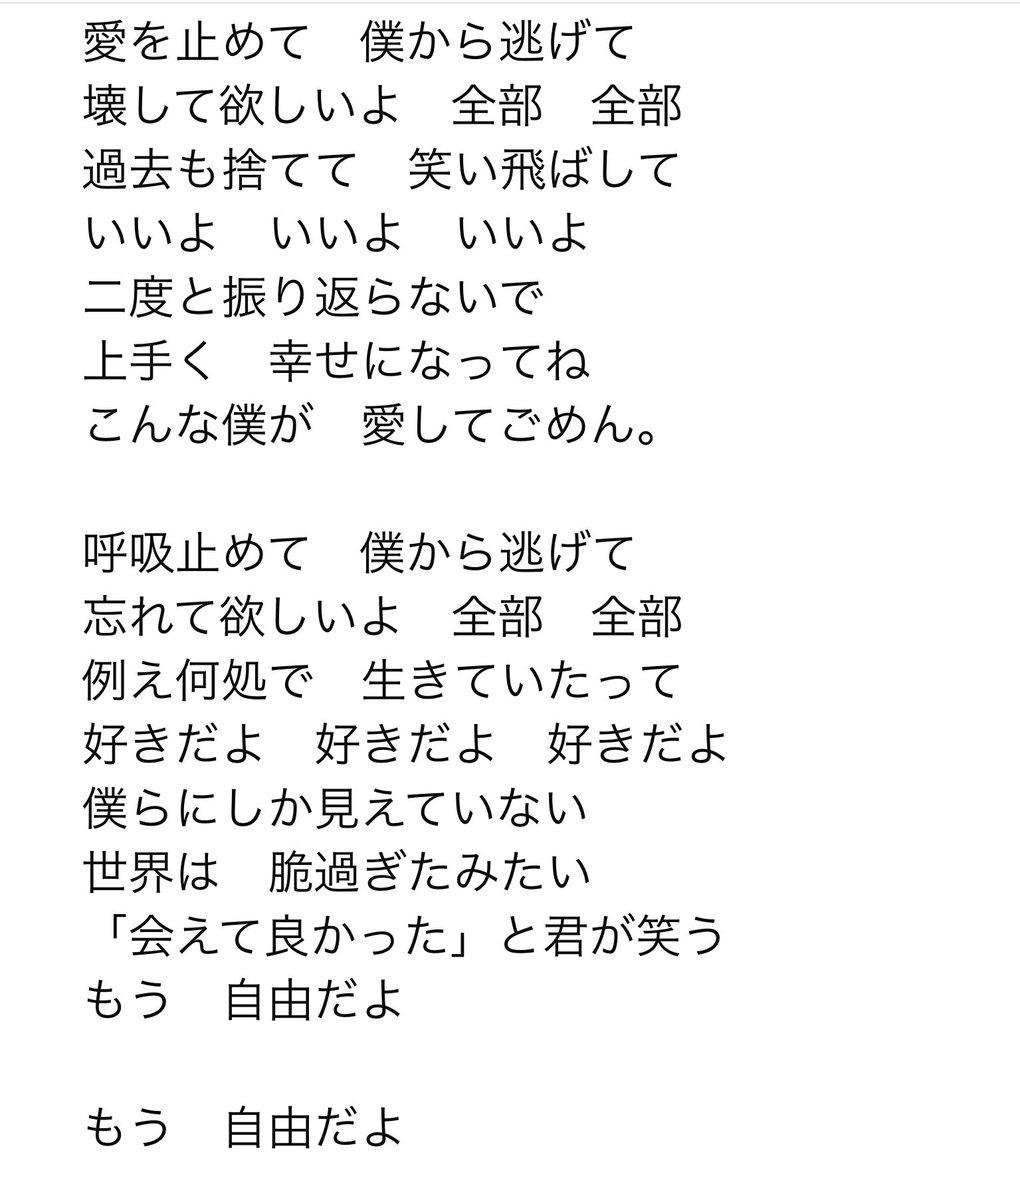 lyrics 未 完成 家 入 レオ